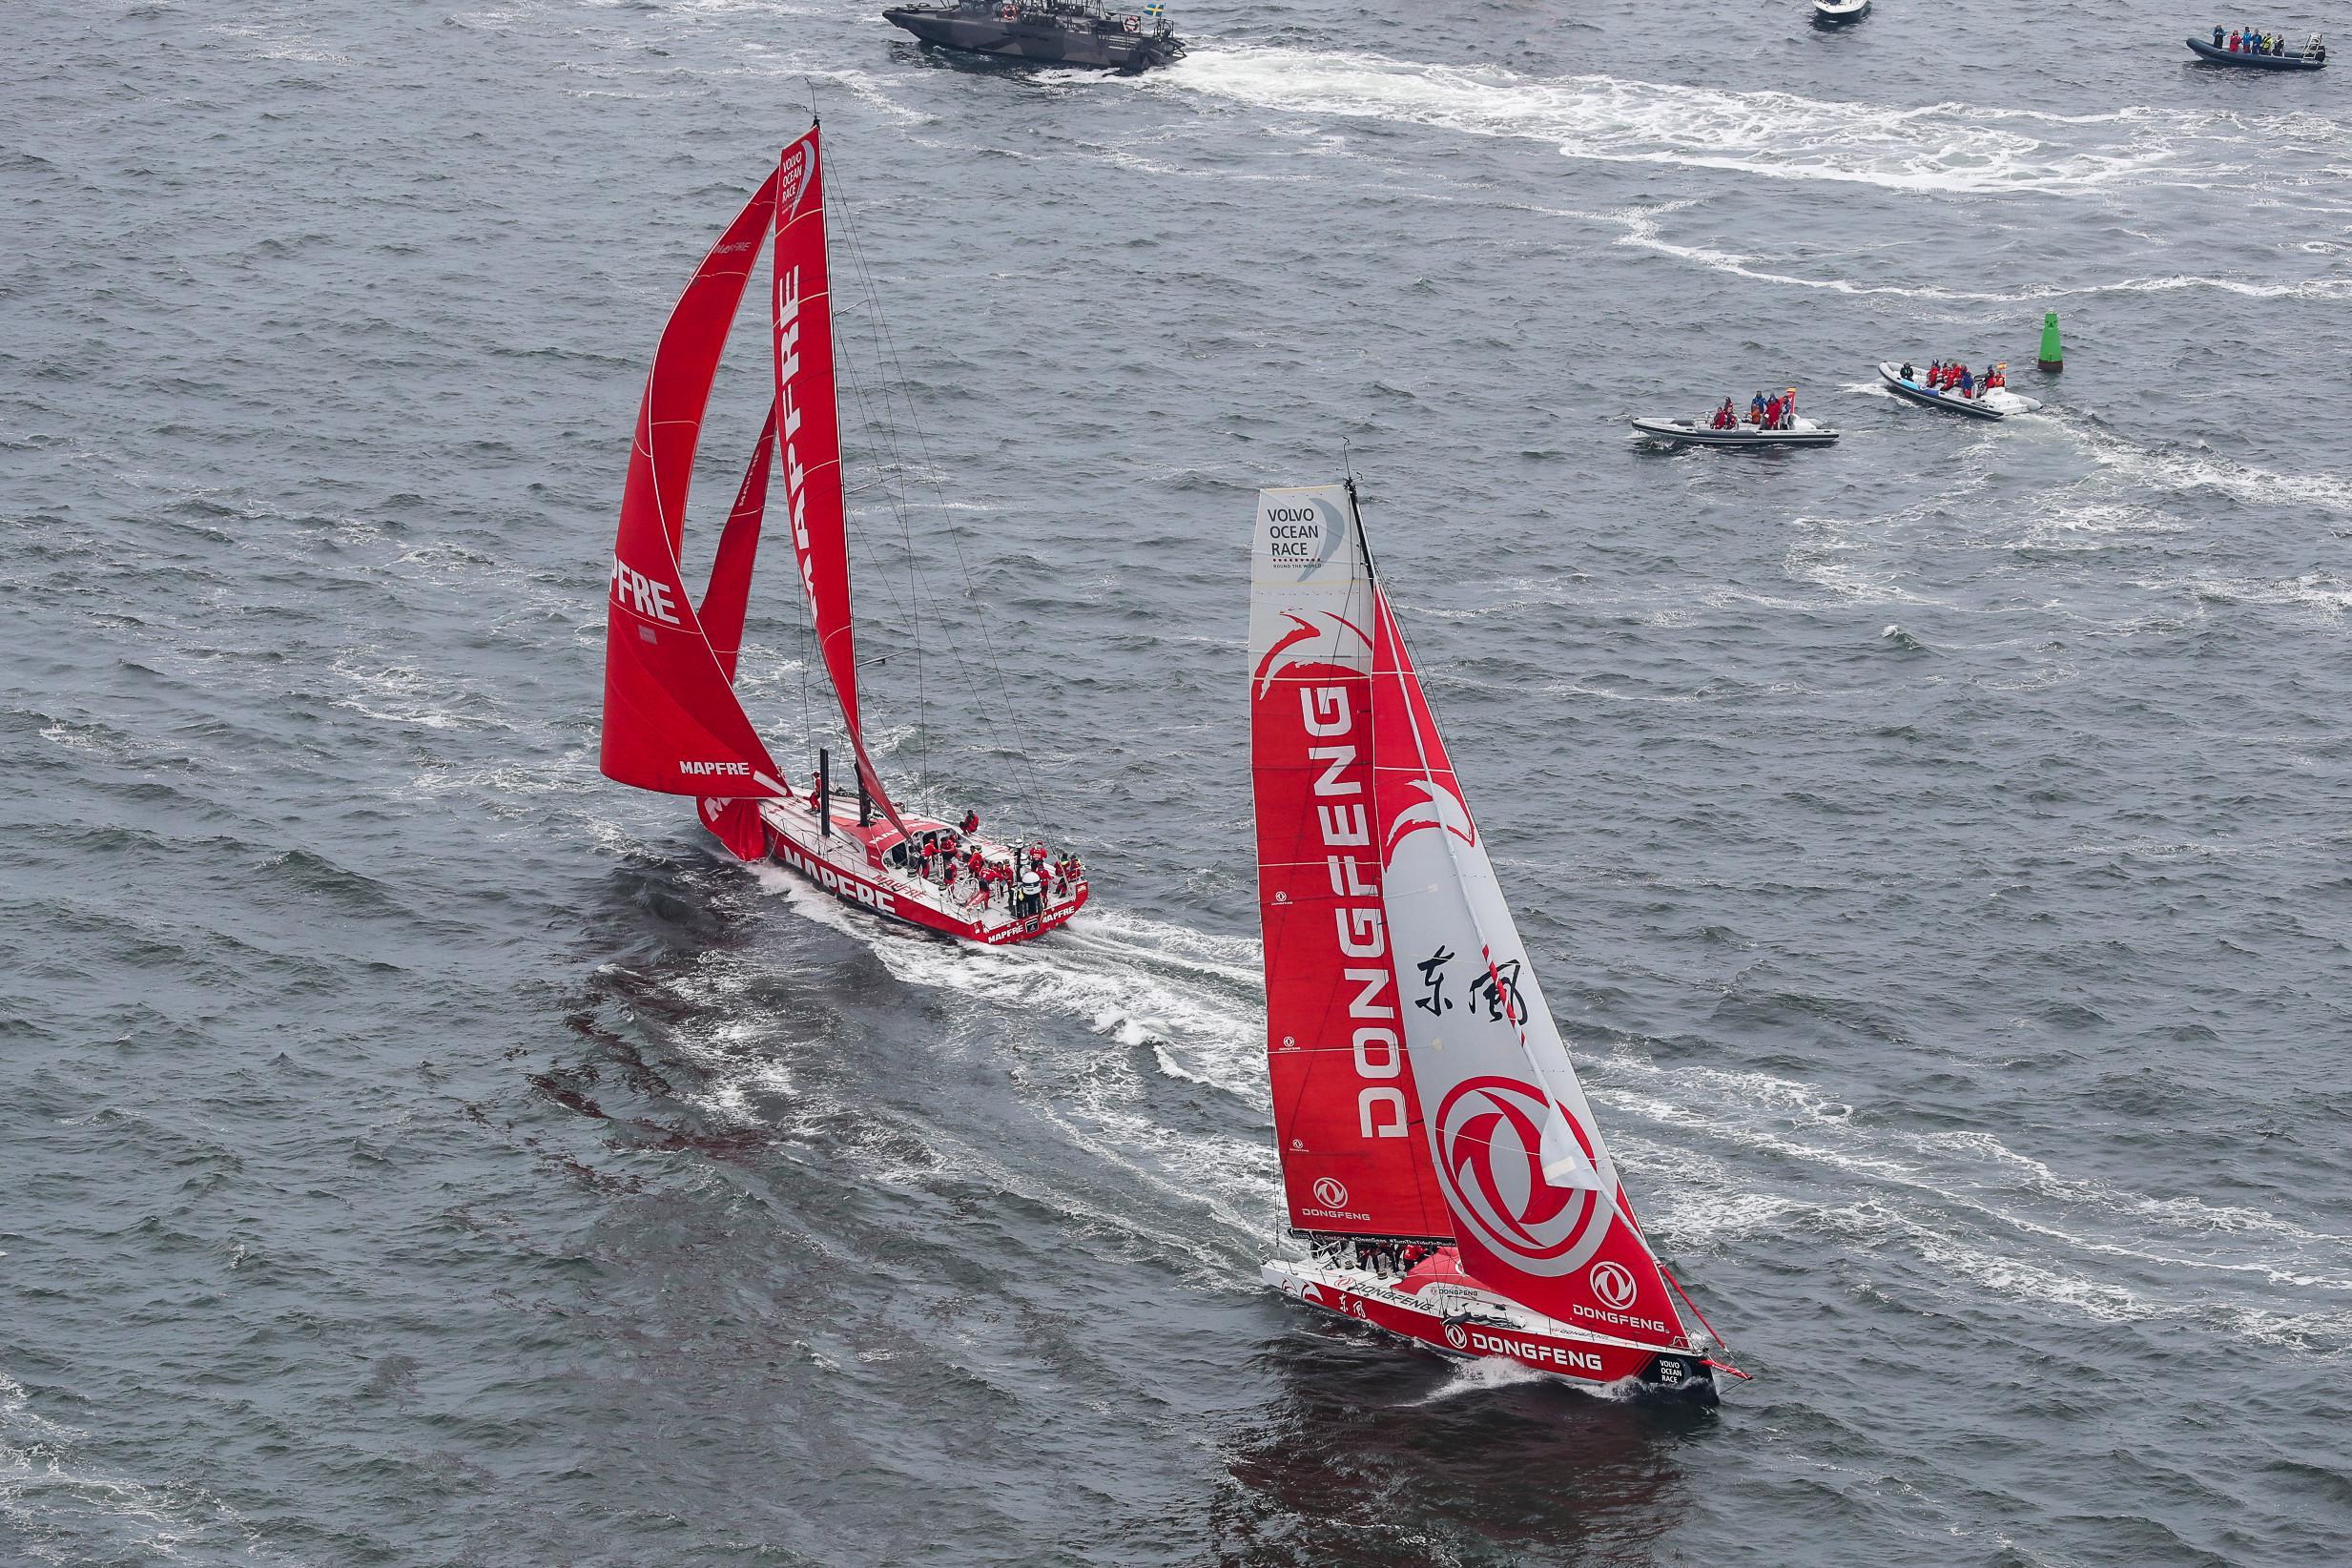 维斯塔斯11小时队先下手为强 夺哥德堡港内赛冠军